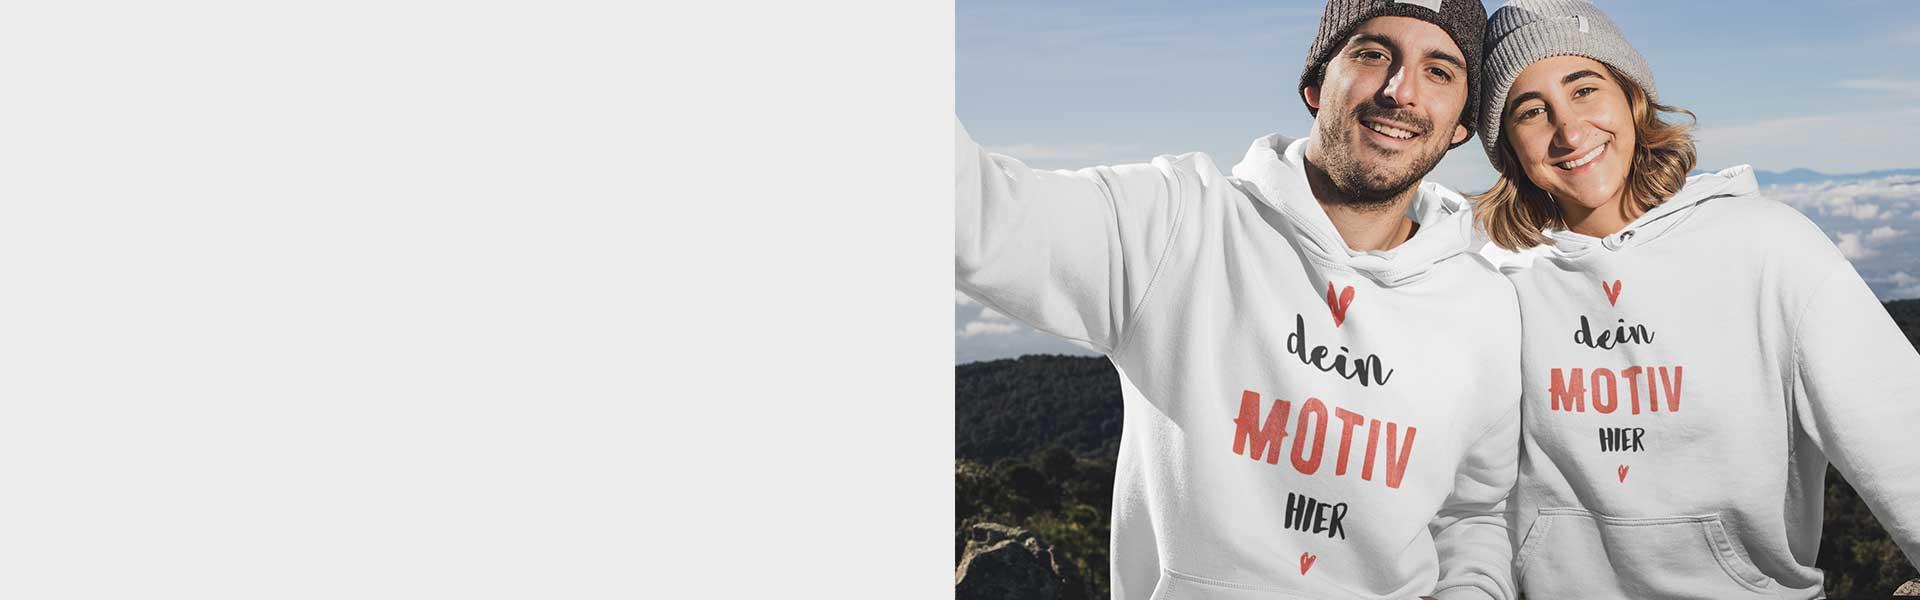 Zwei Freunde in den Bergen mit bedruckbarem Pullover